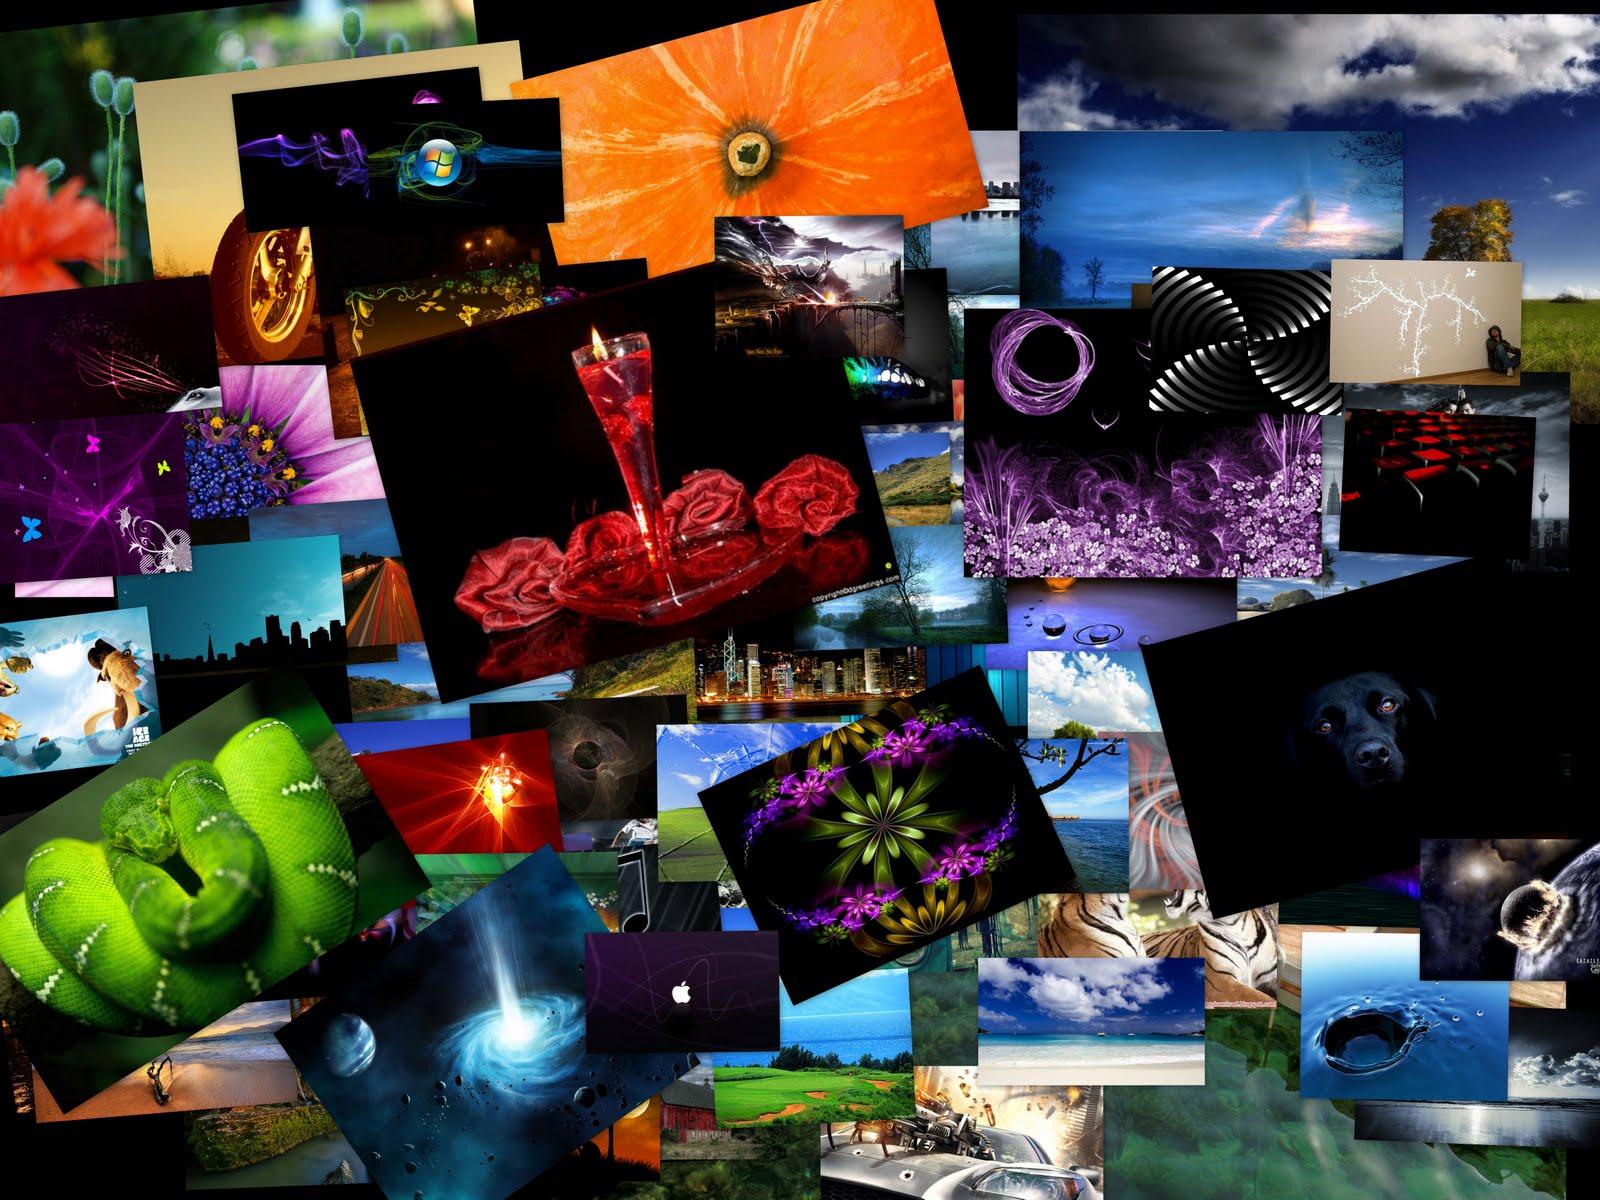 http://2.bp.blogspot.com/-N6gAk53Gwjs/TdXpHAg5qEI/AAAAAAAAAB8/2STnhIA58ak/s1600/Paisagns.jpg